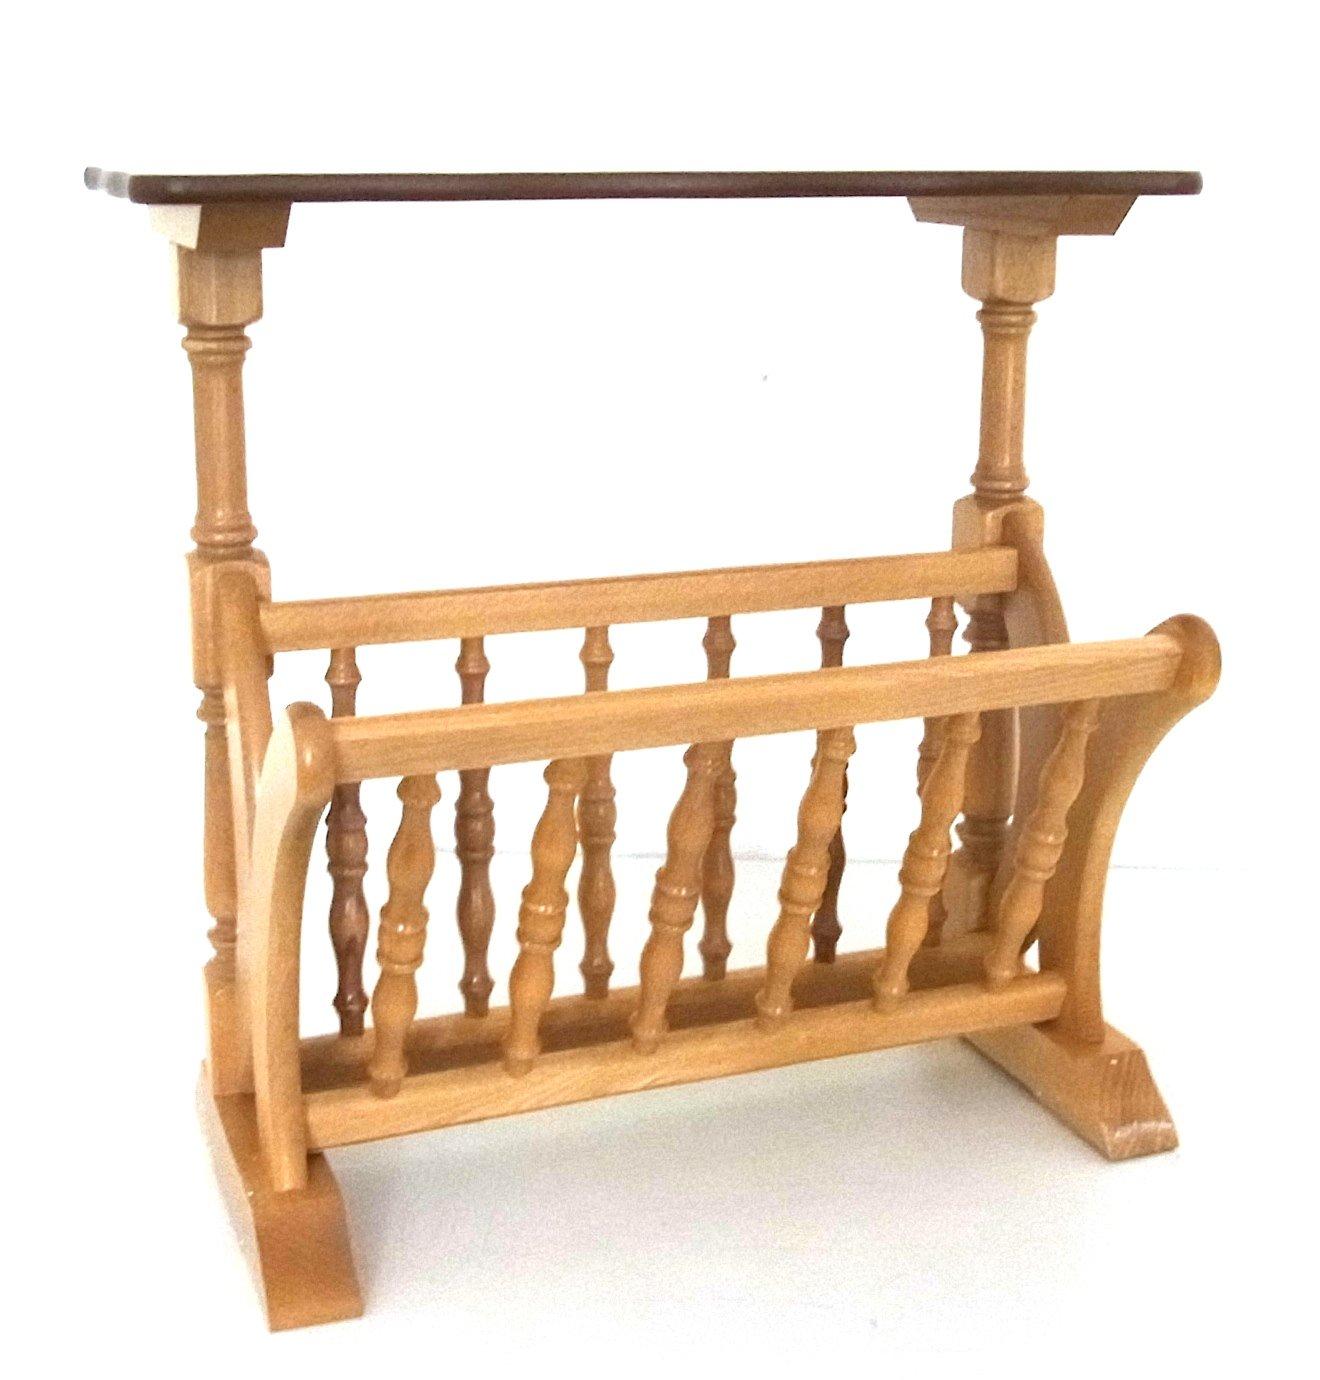 zeitungsst nder mit ablagetisch zeitungstisch zeitungskorb zeitungshalter buche ebay. Black Bedroom Furniture Sets. Home Design Ideas